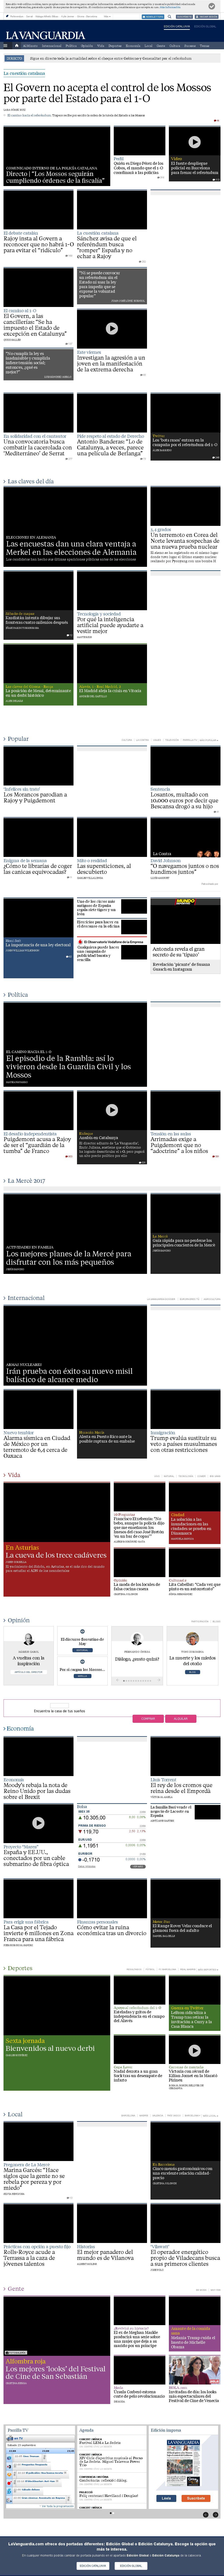 La Vanguardia at Saturday Sept. 23, 2017, 5:50 p.m. UTC